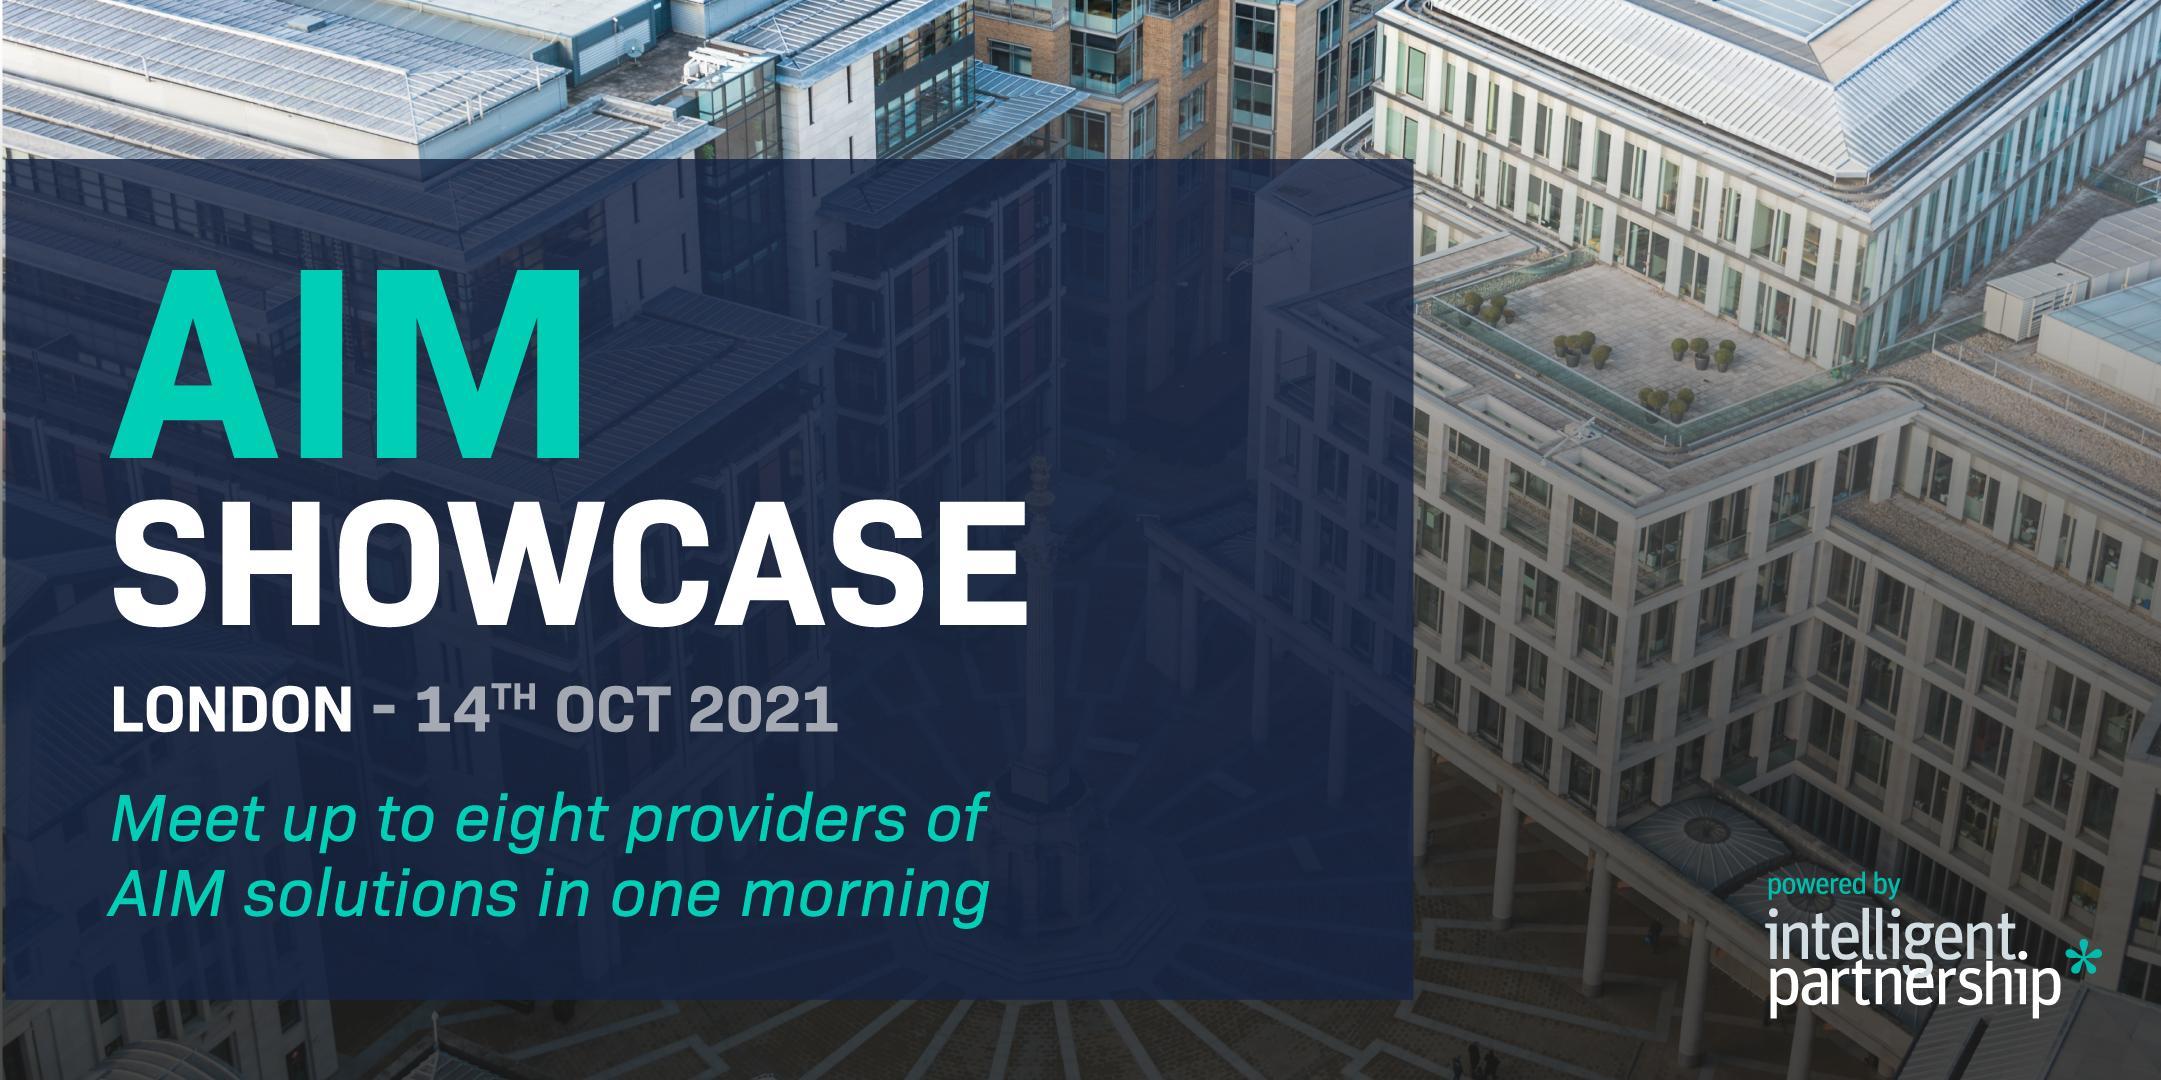 AIM Showcase 2021 | London